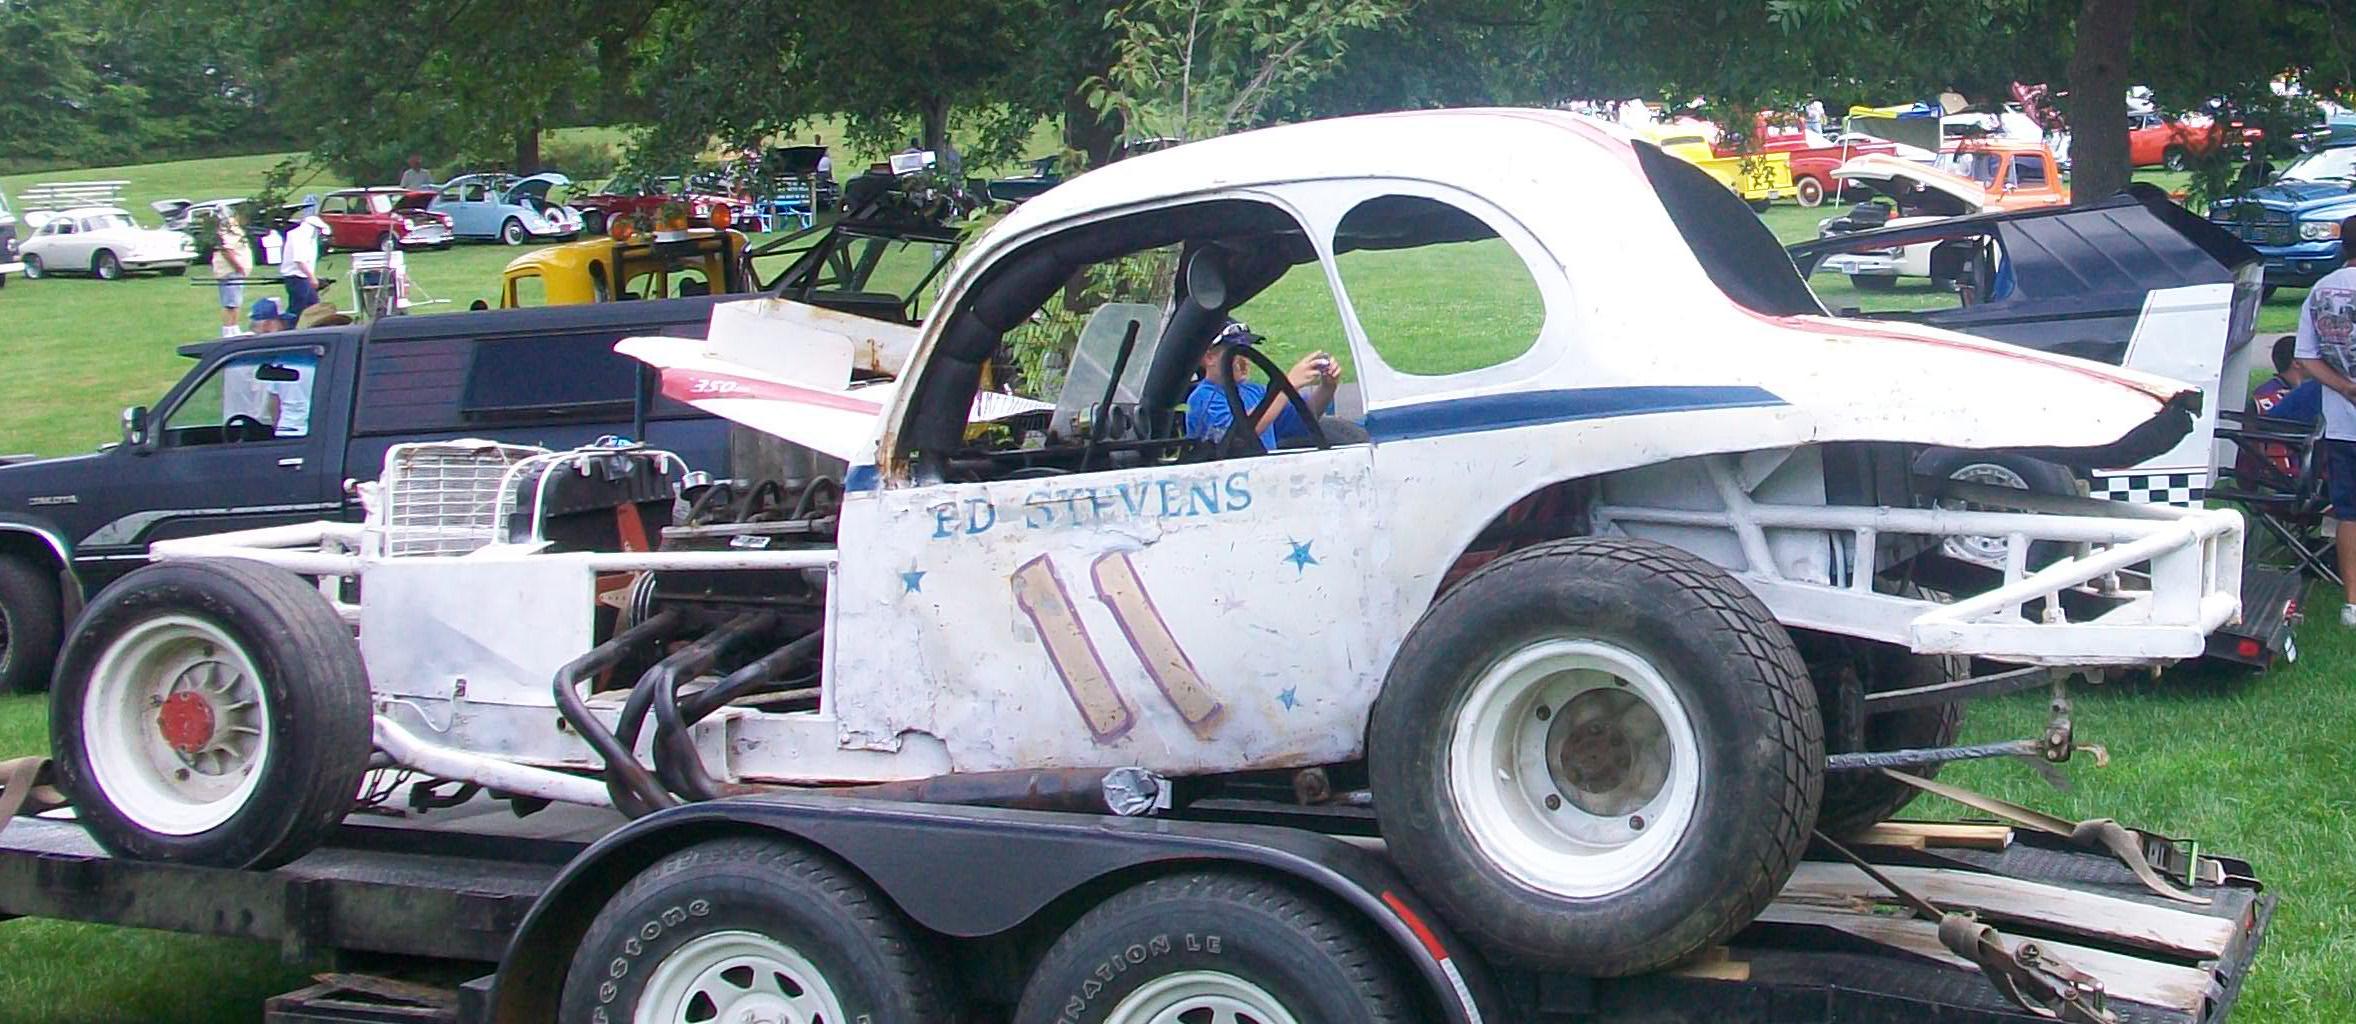 Eddie Stevens #11 - Northeastern Vintage Dirt Modified Racing Club